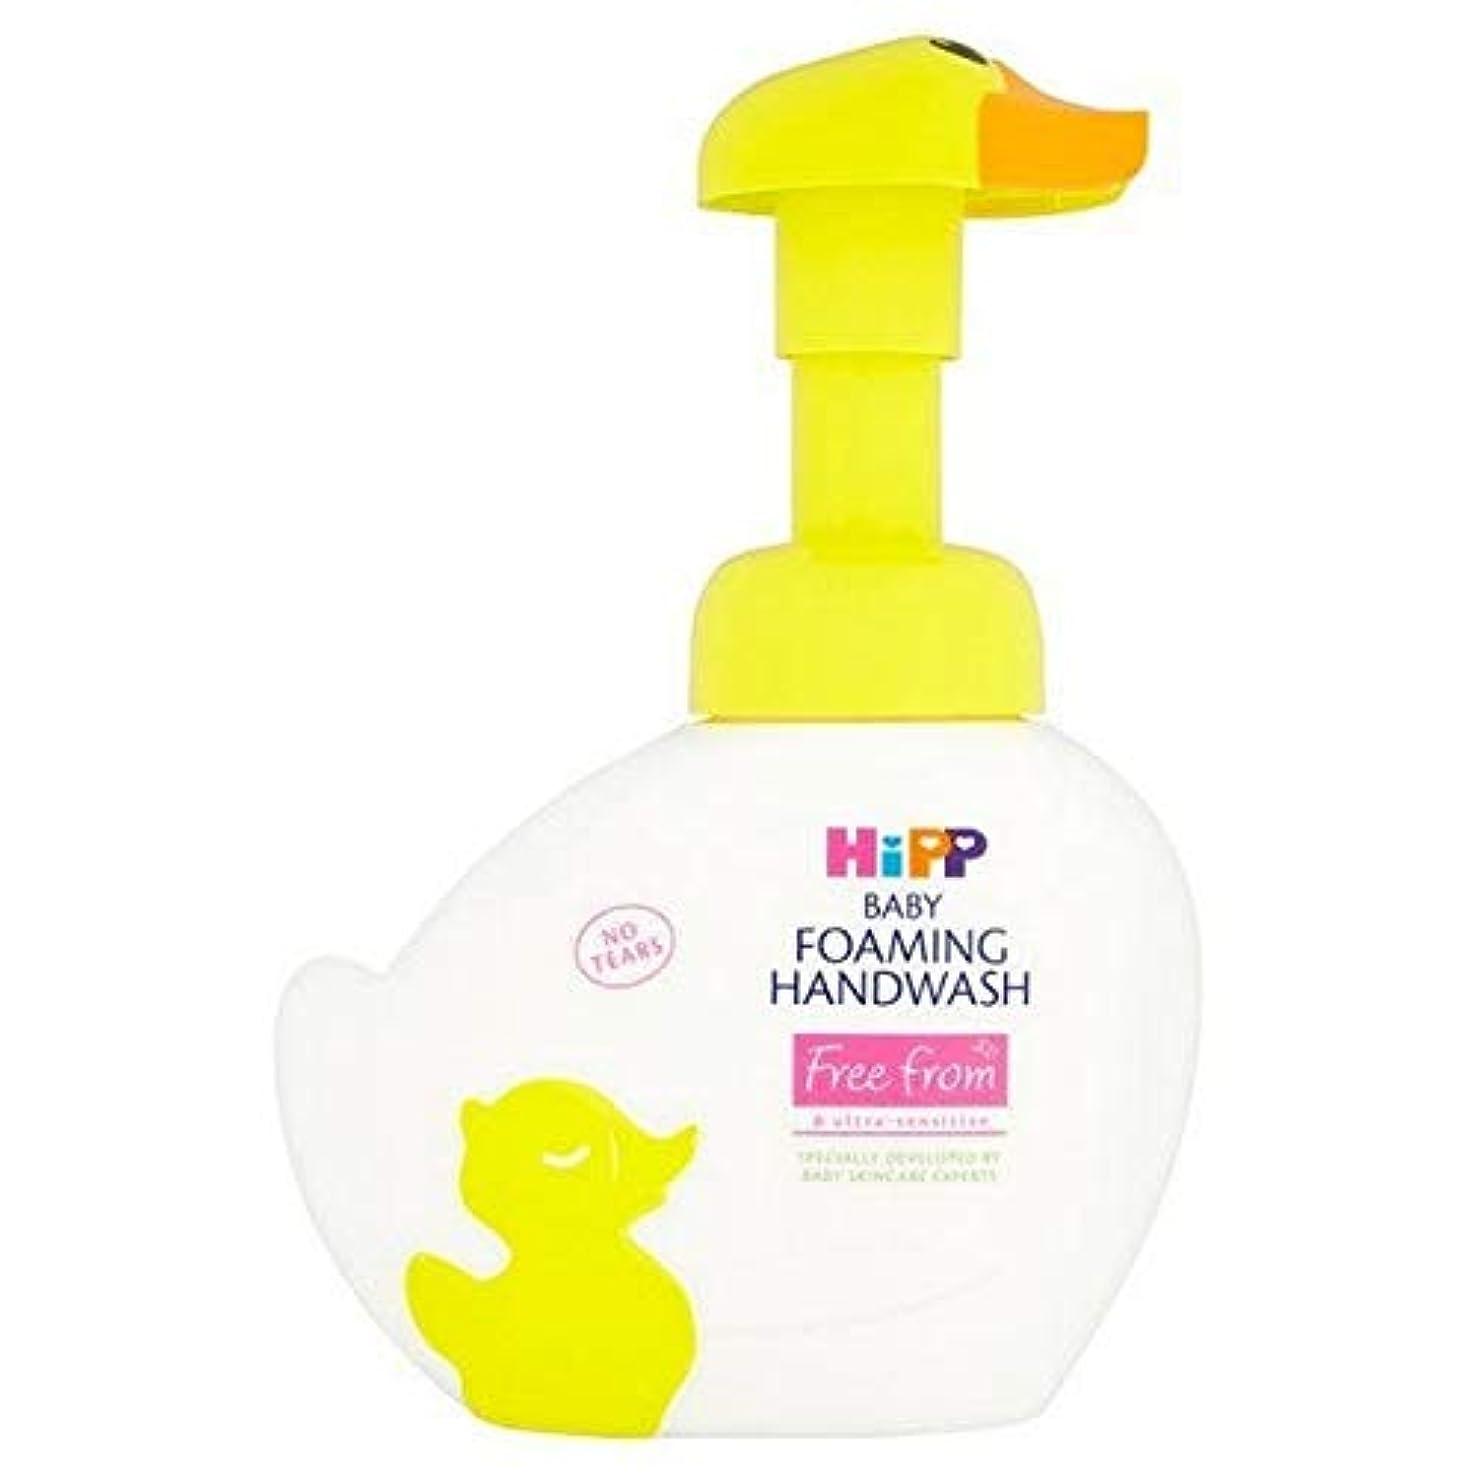 参照する変換する可能性[Hipp ] ヒップ自由手洗いの250ミリリットルを発泡から - HiPP Free From Foaming Handwash 250ml [並行輸入品]